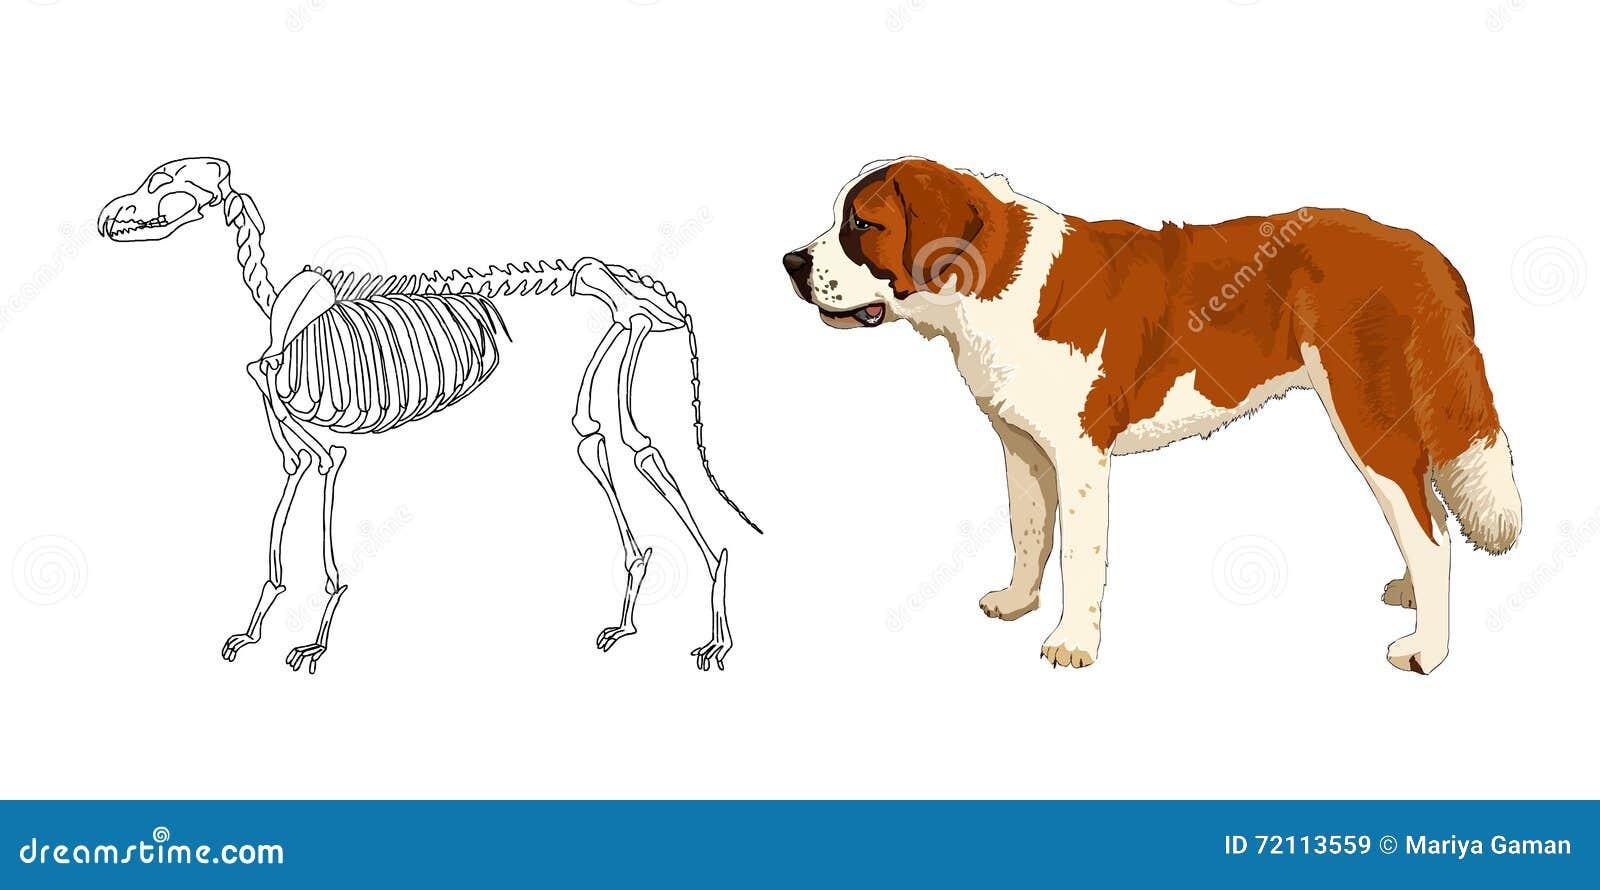 Wunderbar Anatomie Eines Männlichen Hund Ideen - Anatomie Ideen ...